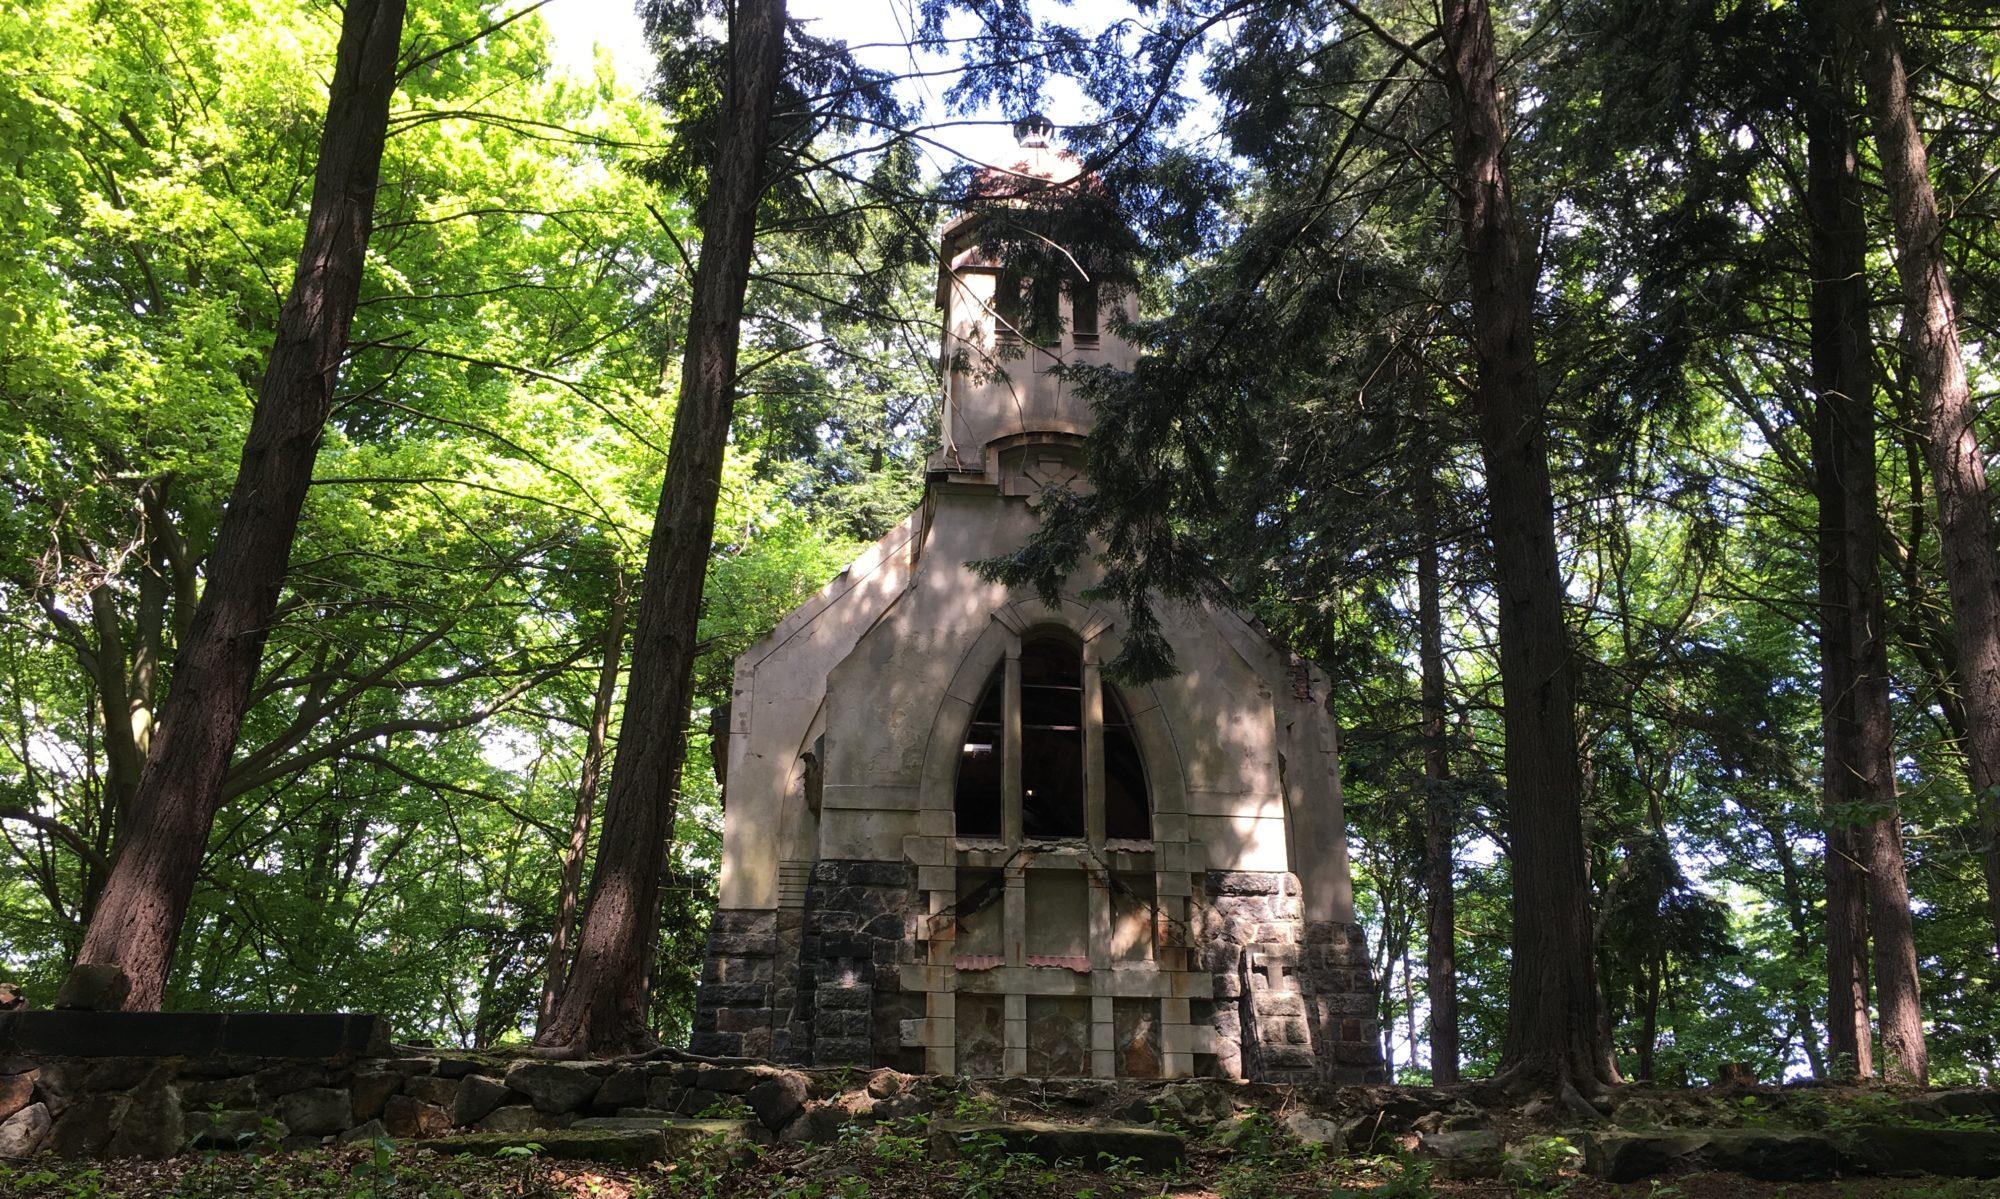 Kaple rodiny Botschen